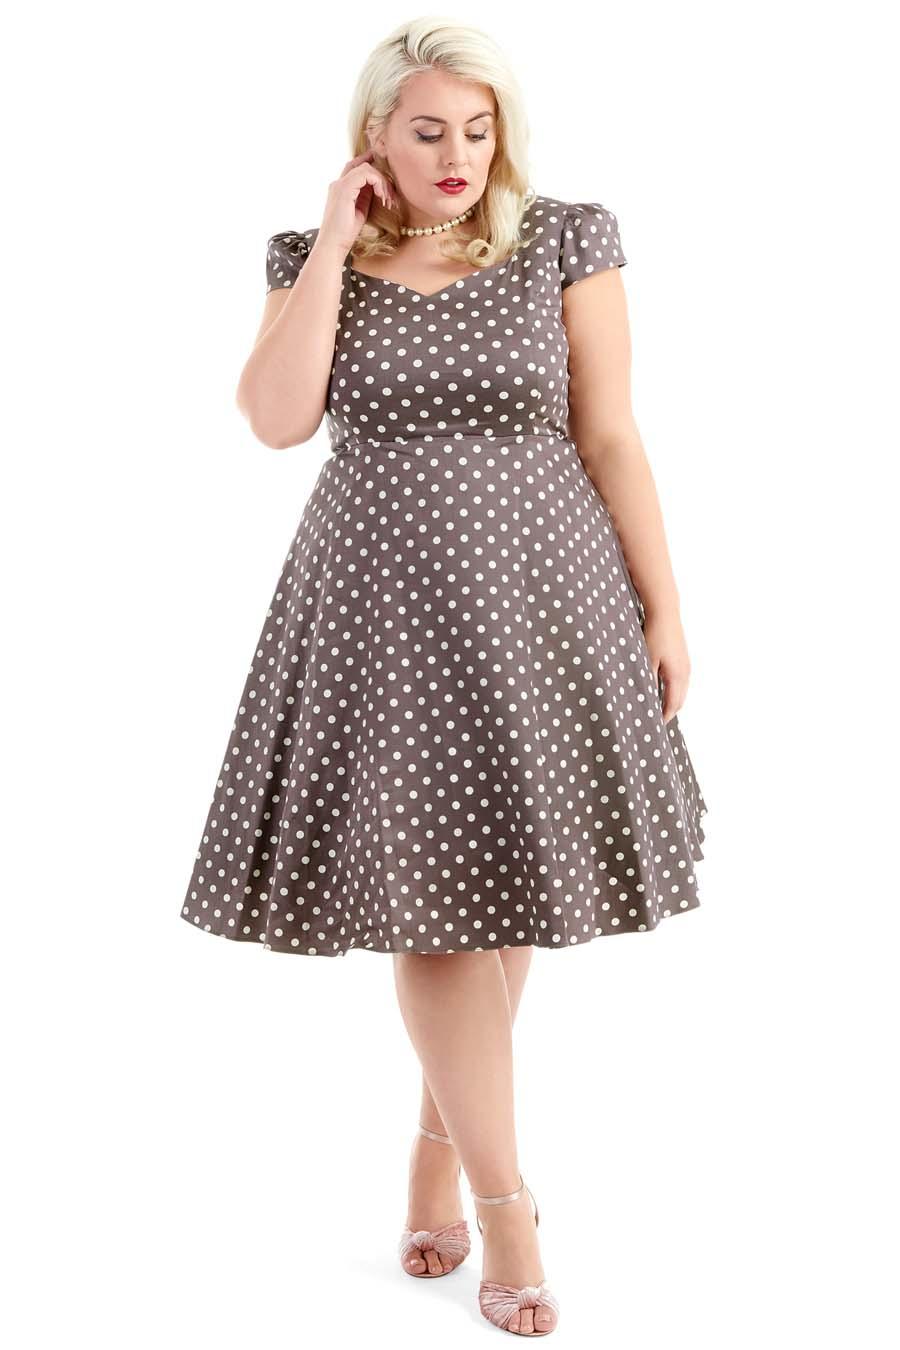 -35% Béžové šaty s puntíky Lady V London Evie c7e3f88f03